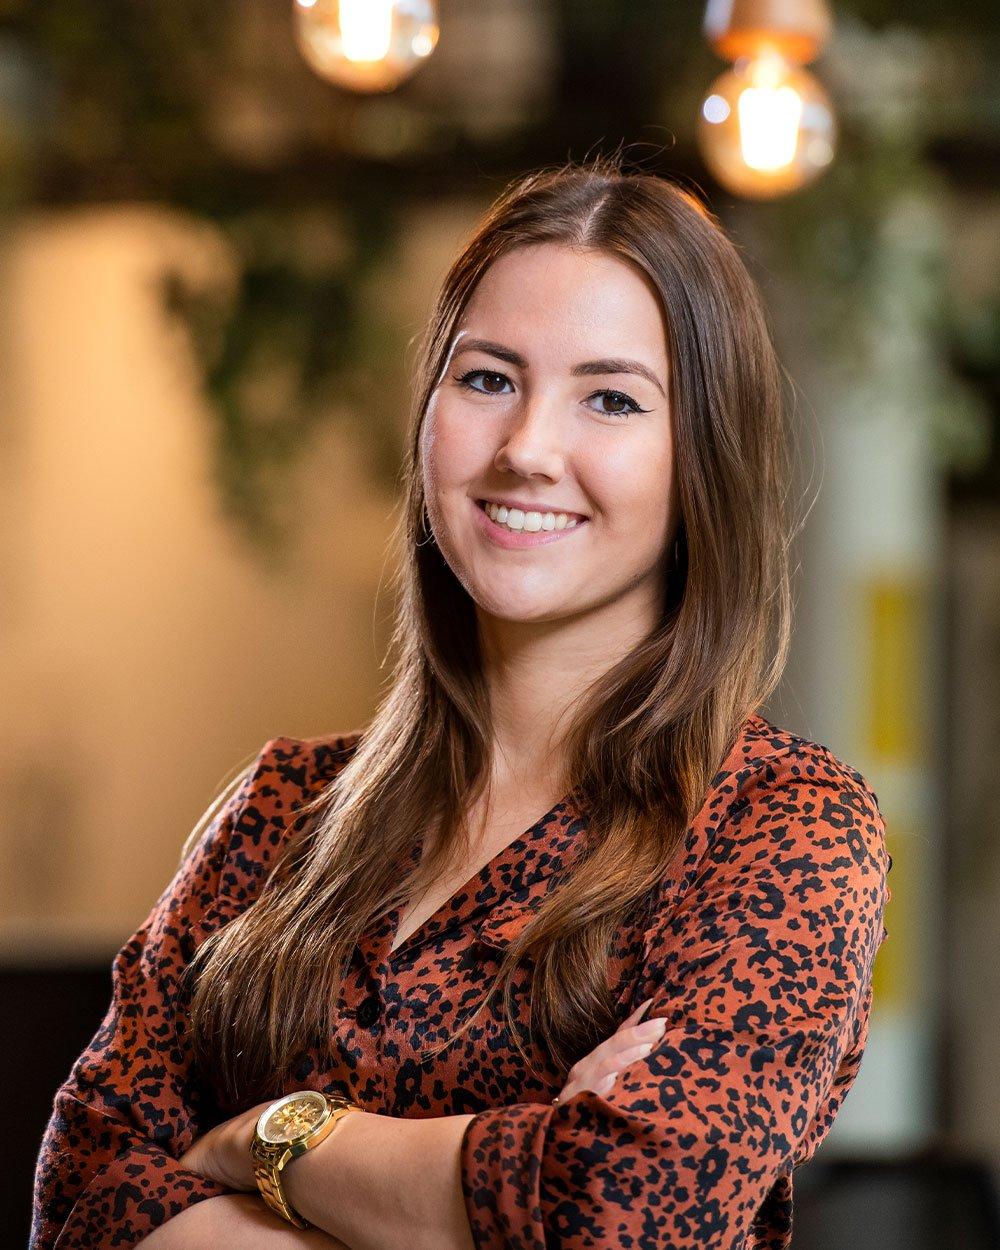 Diana van Hunen, Teamlead Content & Design bij Bright